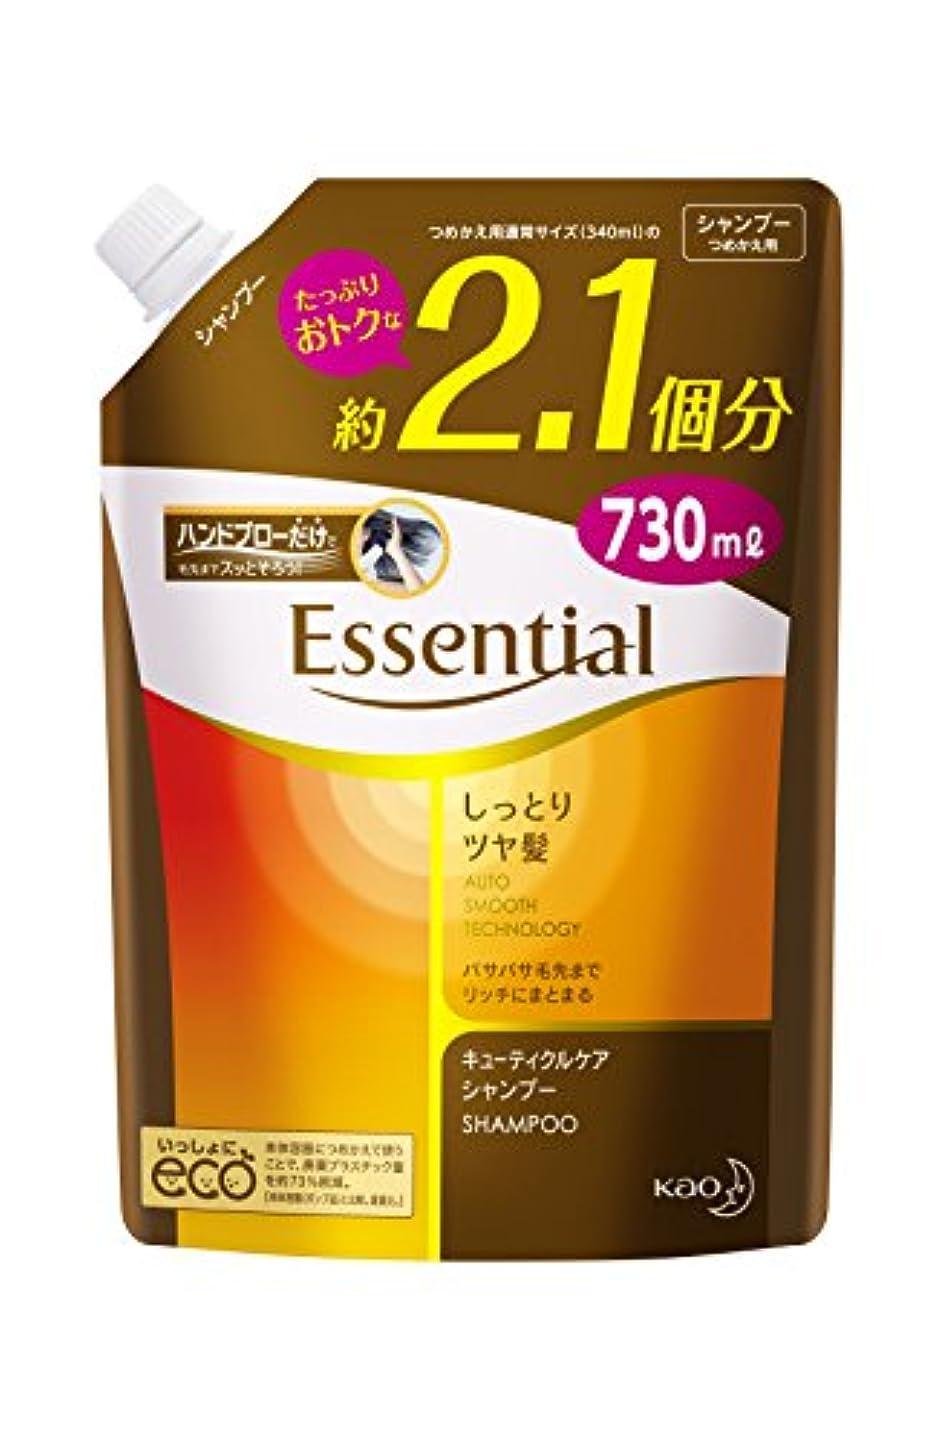 豊富な巧みな割る【大容量】エッセンシャル しっとりツヤ髪シャンプー つめかえ用 730ml(2.1個分)